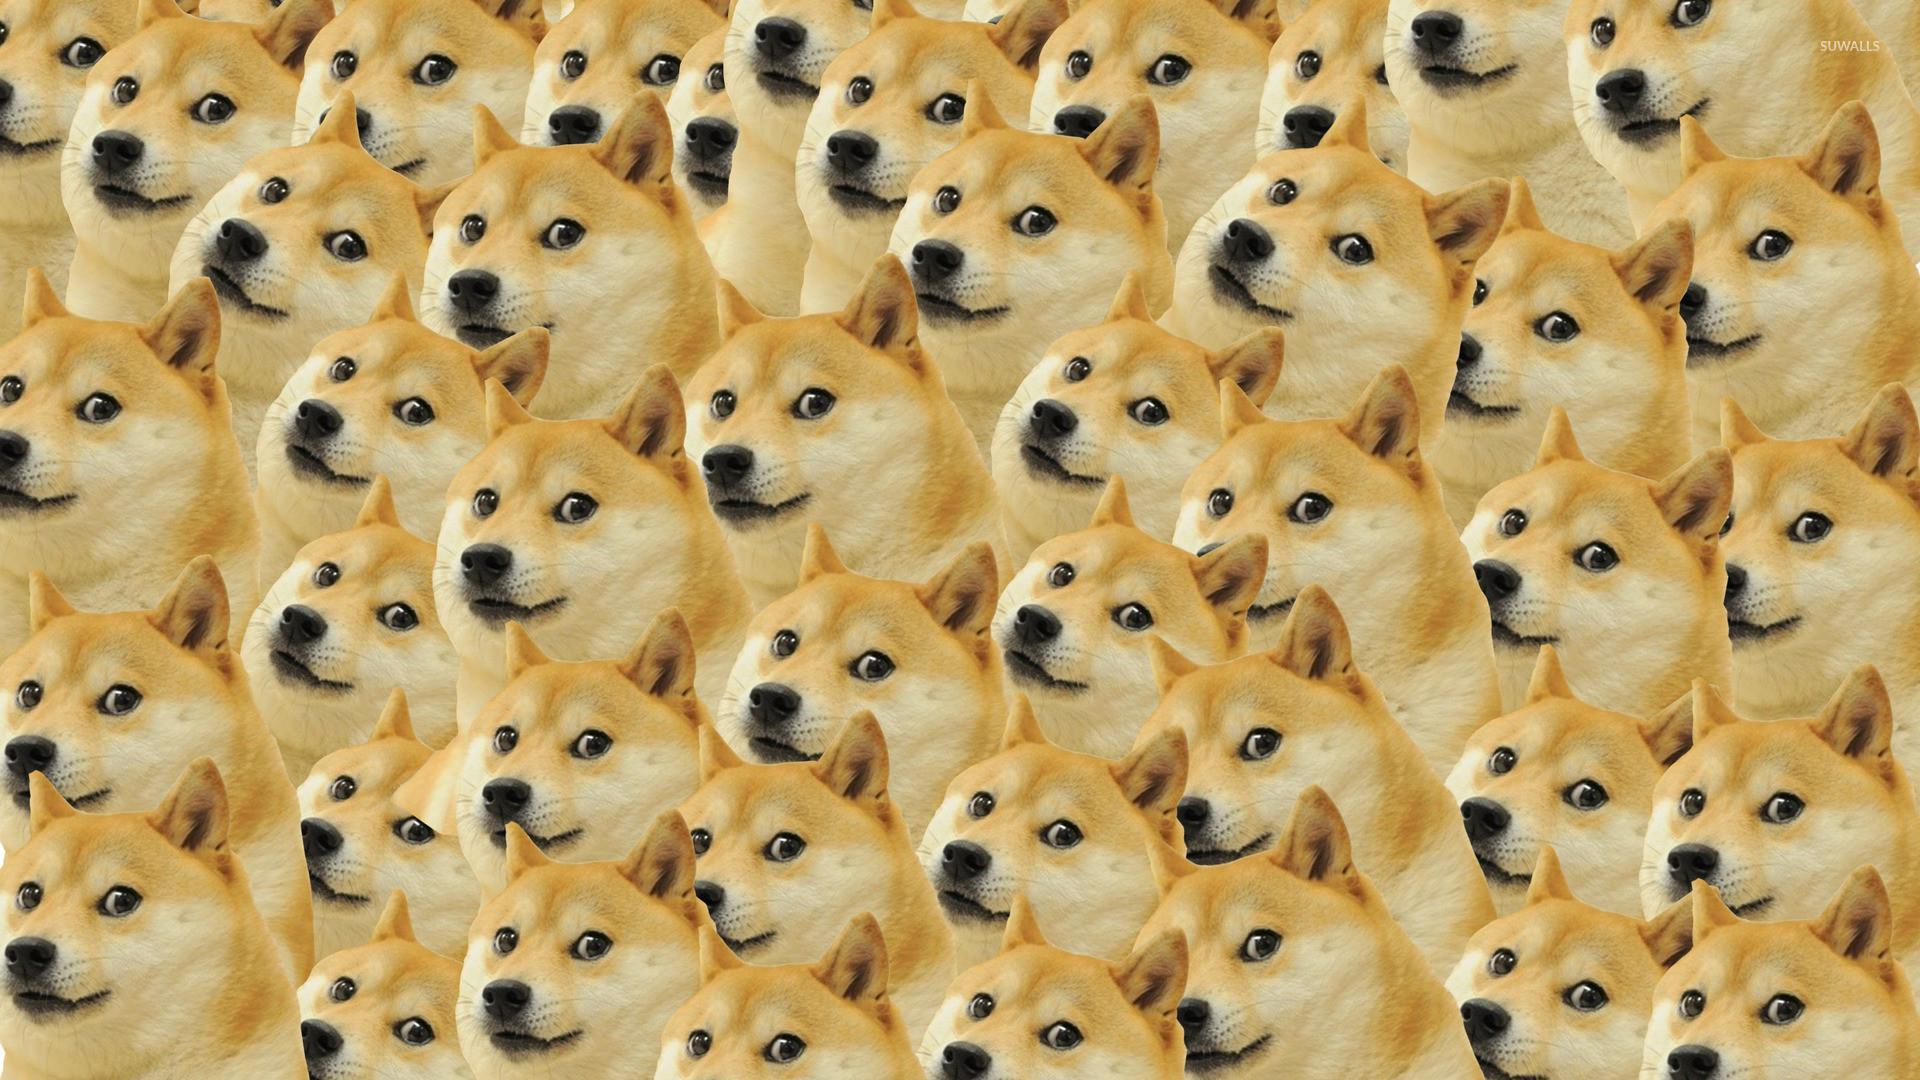 Doge pattern wallpaper – Meme wallpapers – #27481